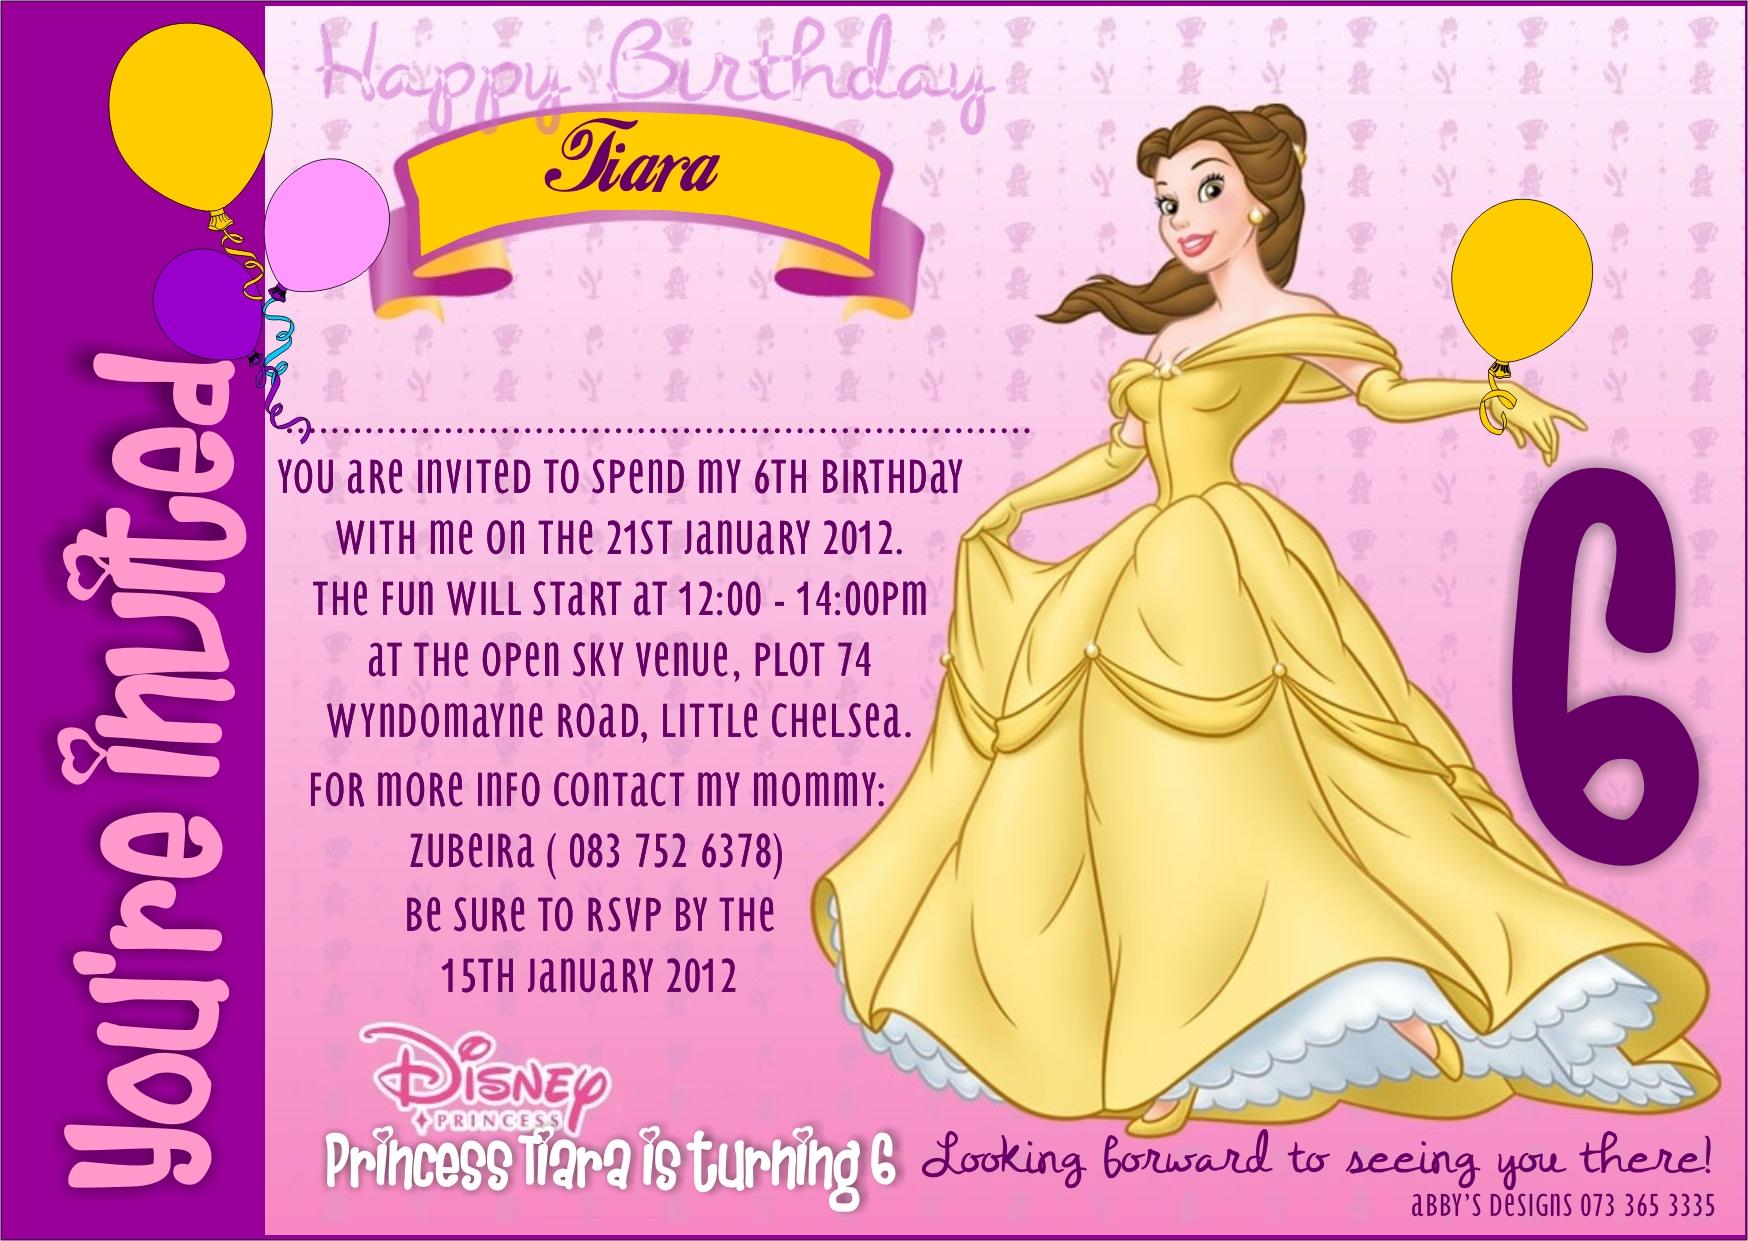 6th birthday party invitation ladymud